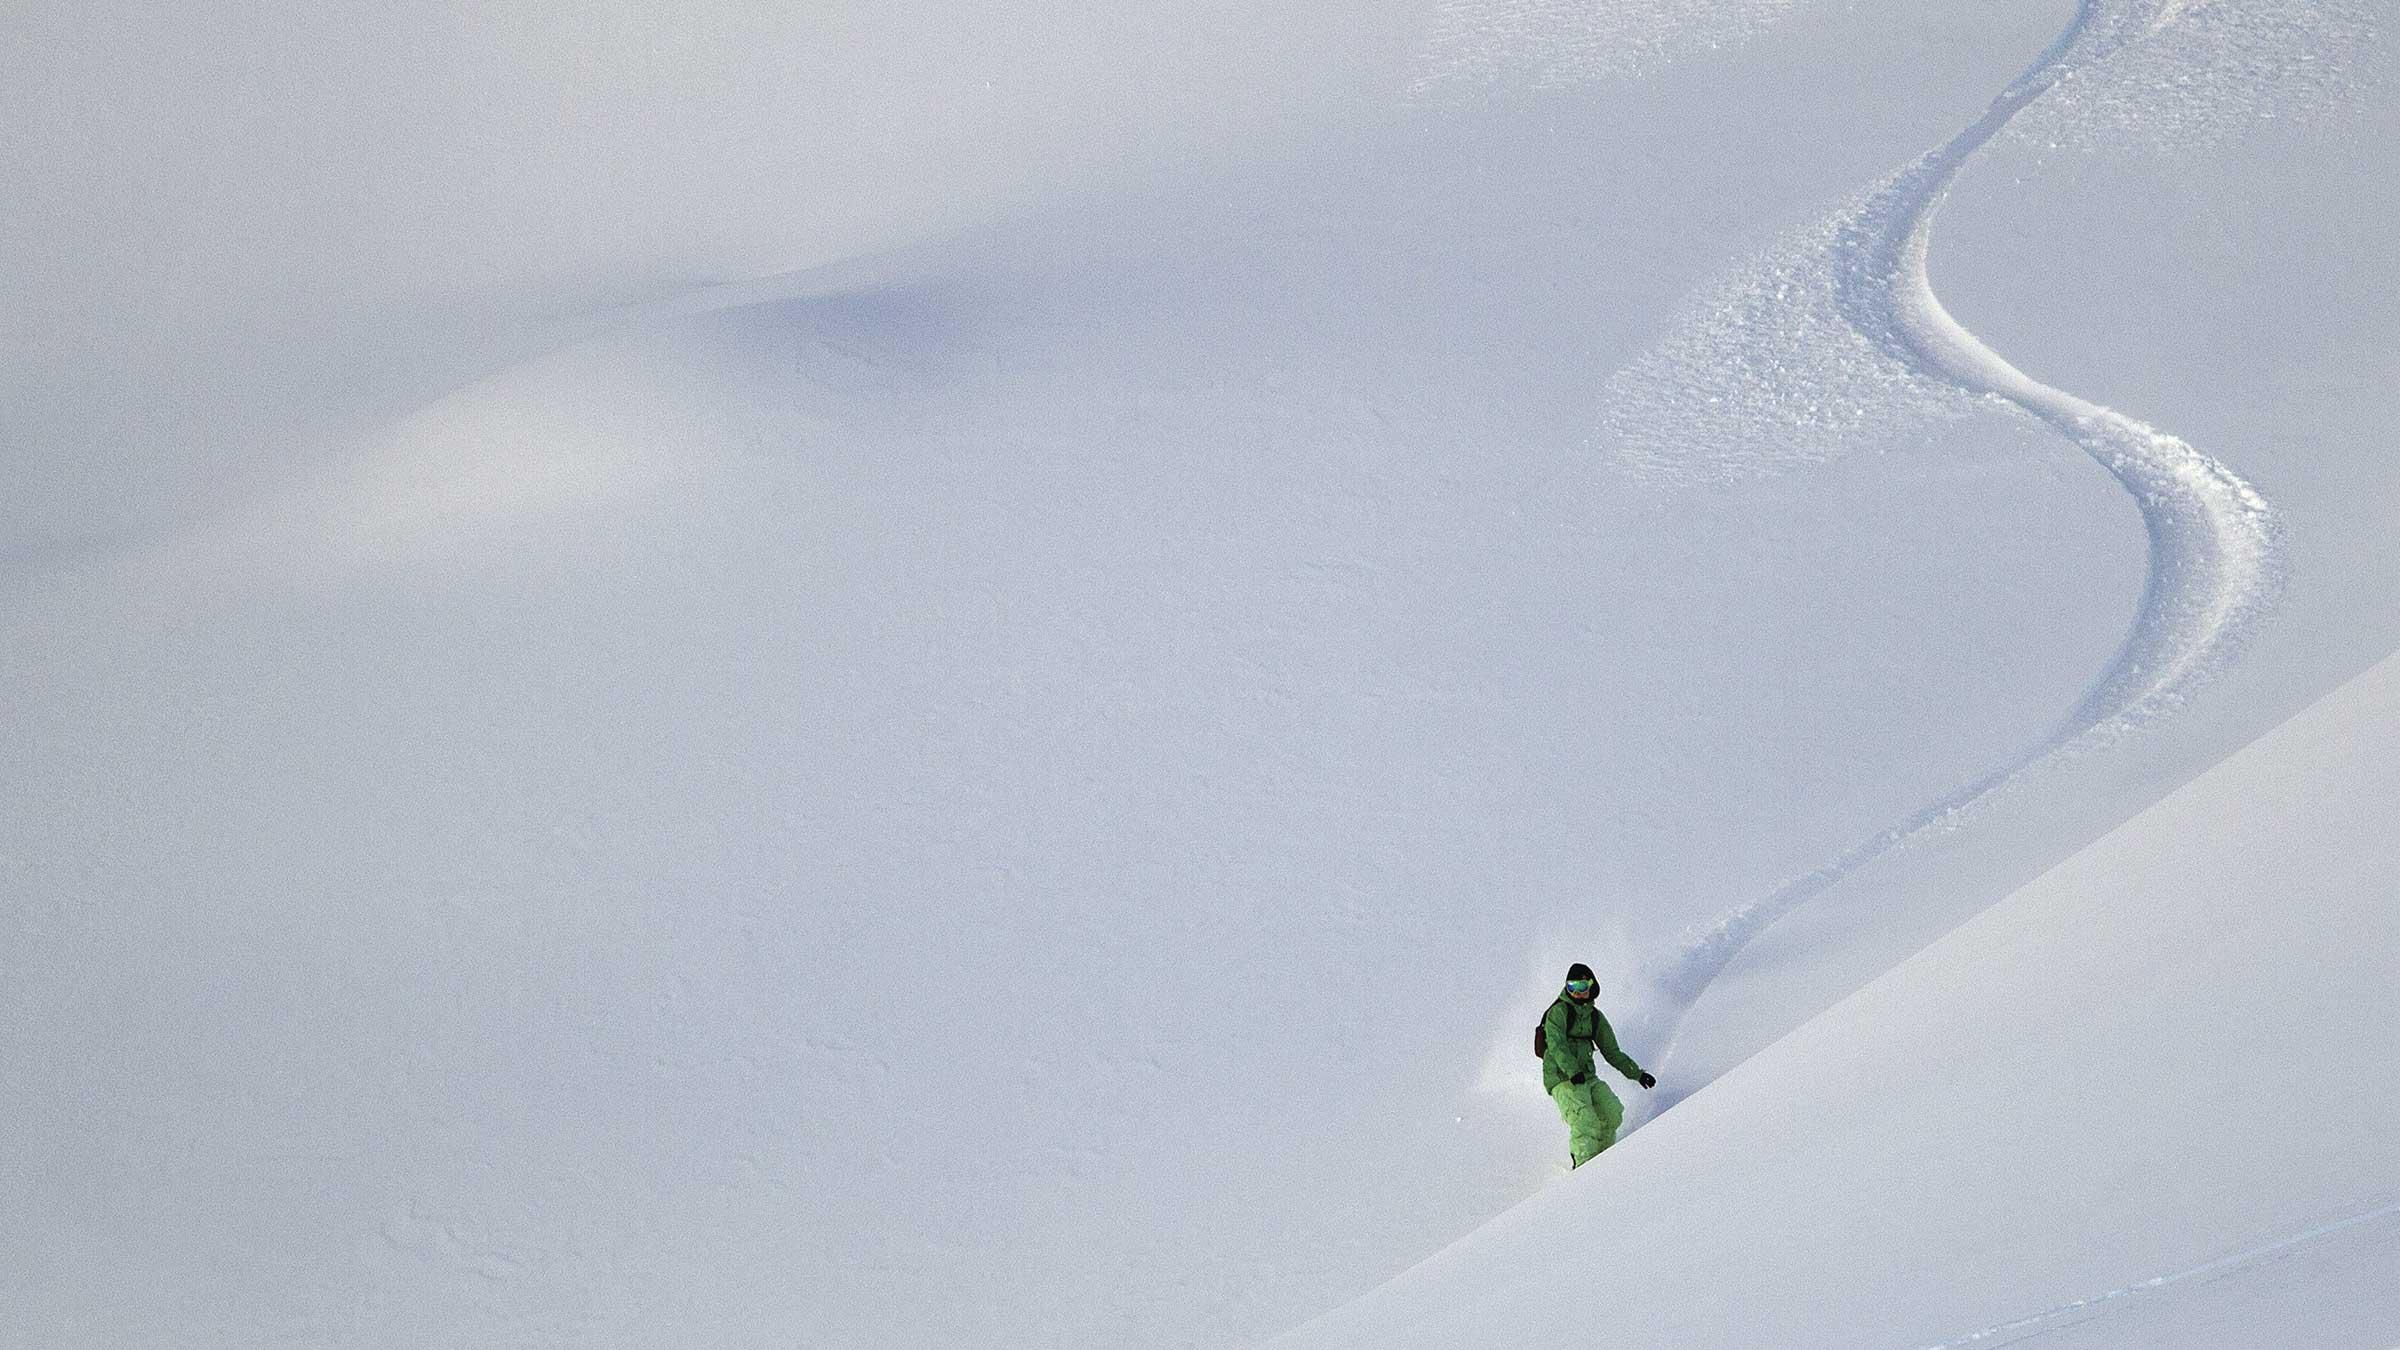 Snowboarder im Tiefschnee - Powder Snow Week Obergurgl-Hochgurgl